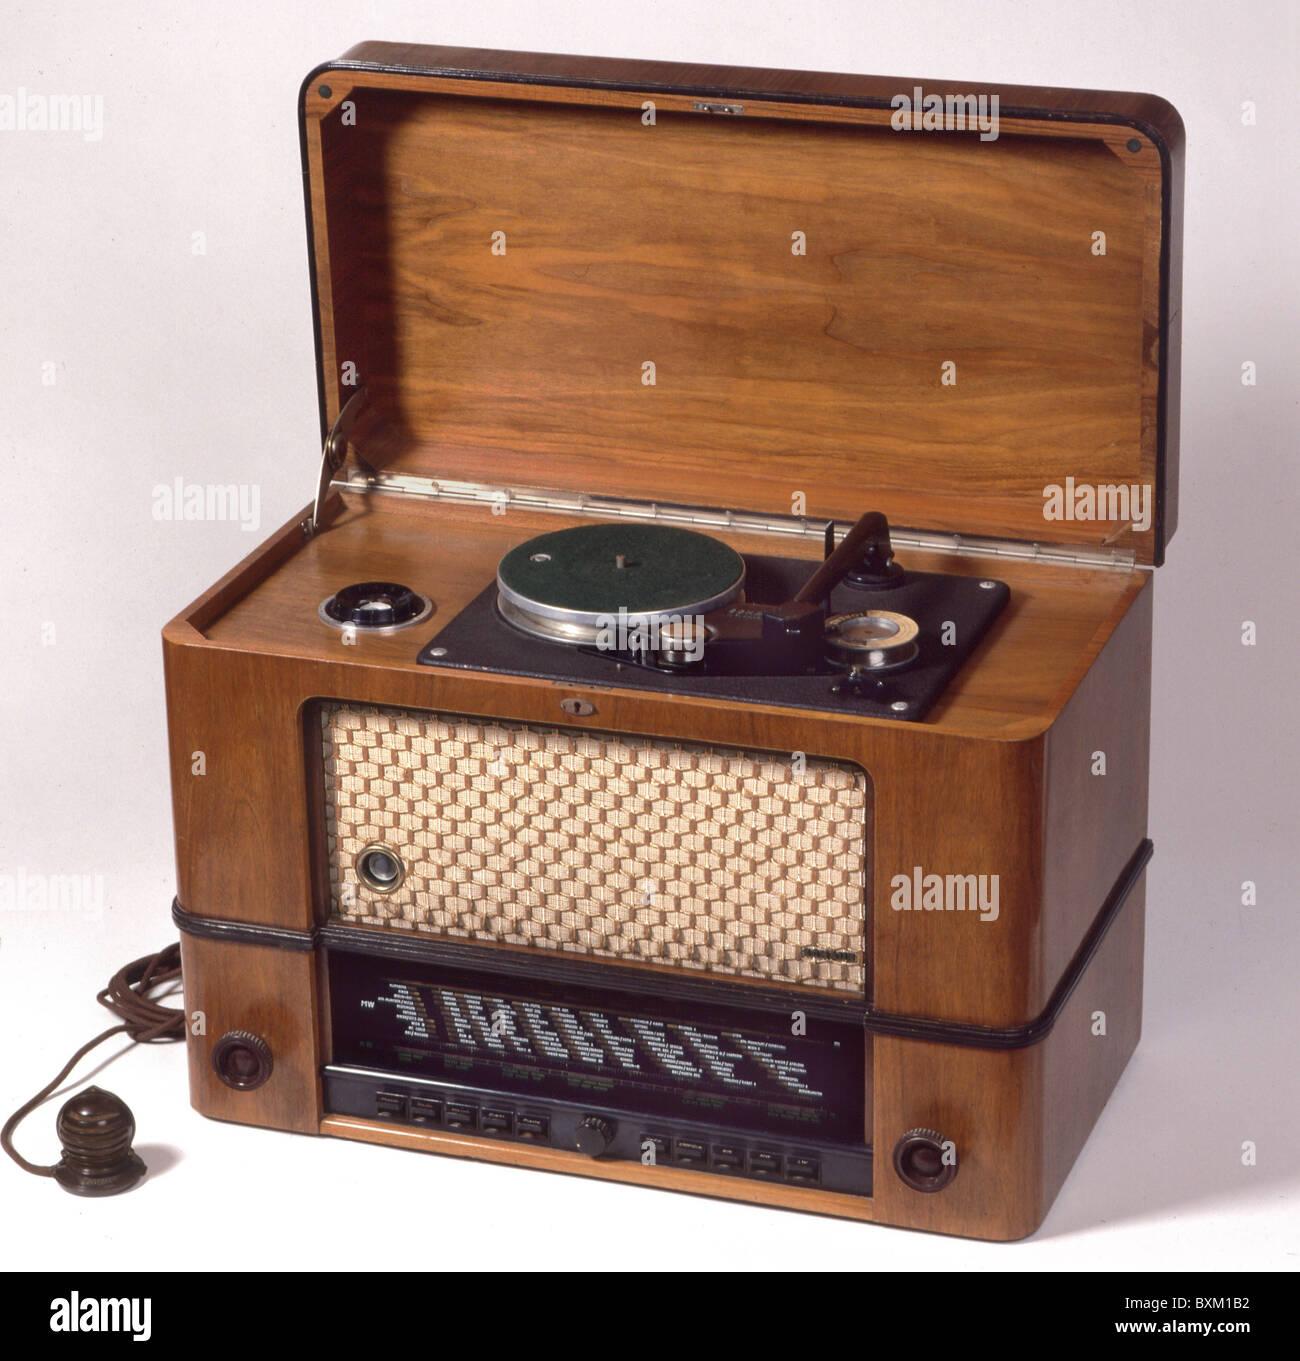 Rundfunk, Radio, Schaub Supraphon, integrierten Plattenspieler und ...